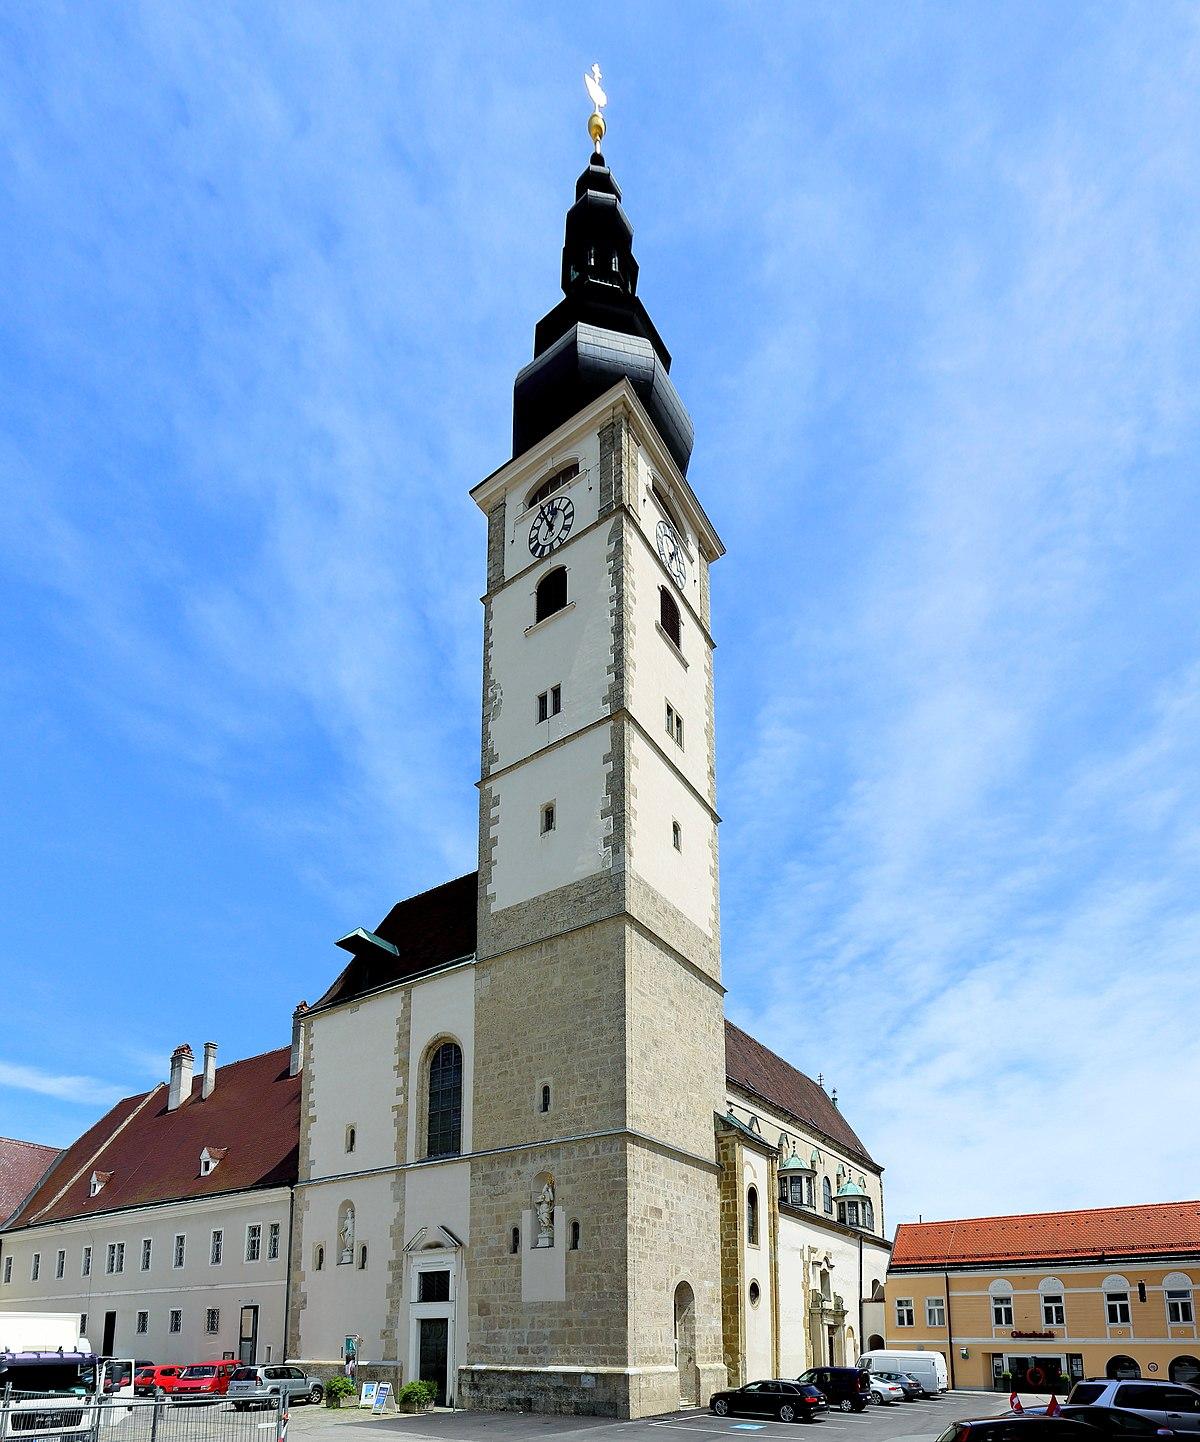 Ͽ���������� Ͽ������������ Ͽ���������� Ͽ���������� Ͽ�� Ͽ���������� Ͽ������������: Dom Zu St. Pölten